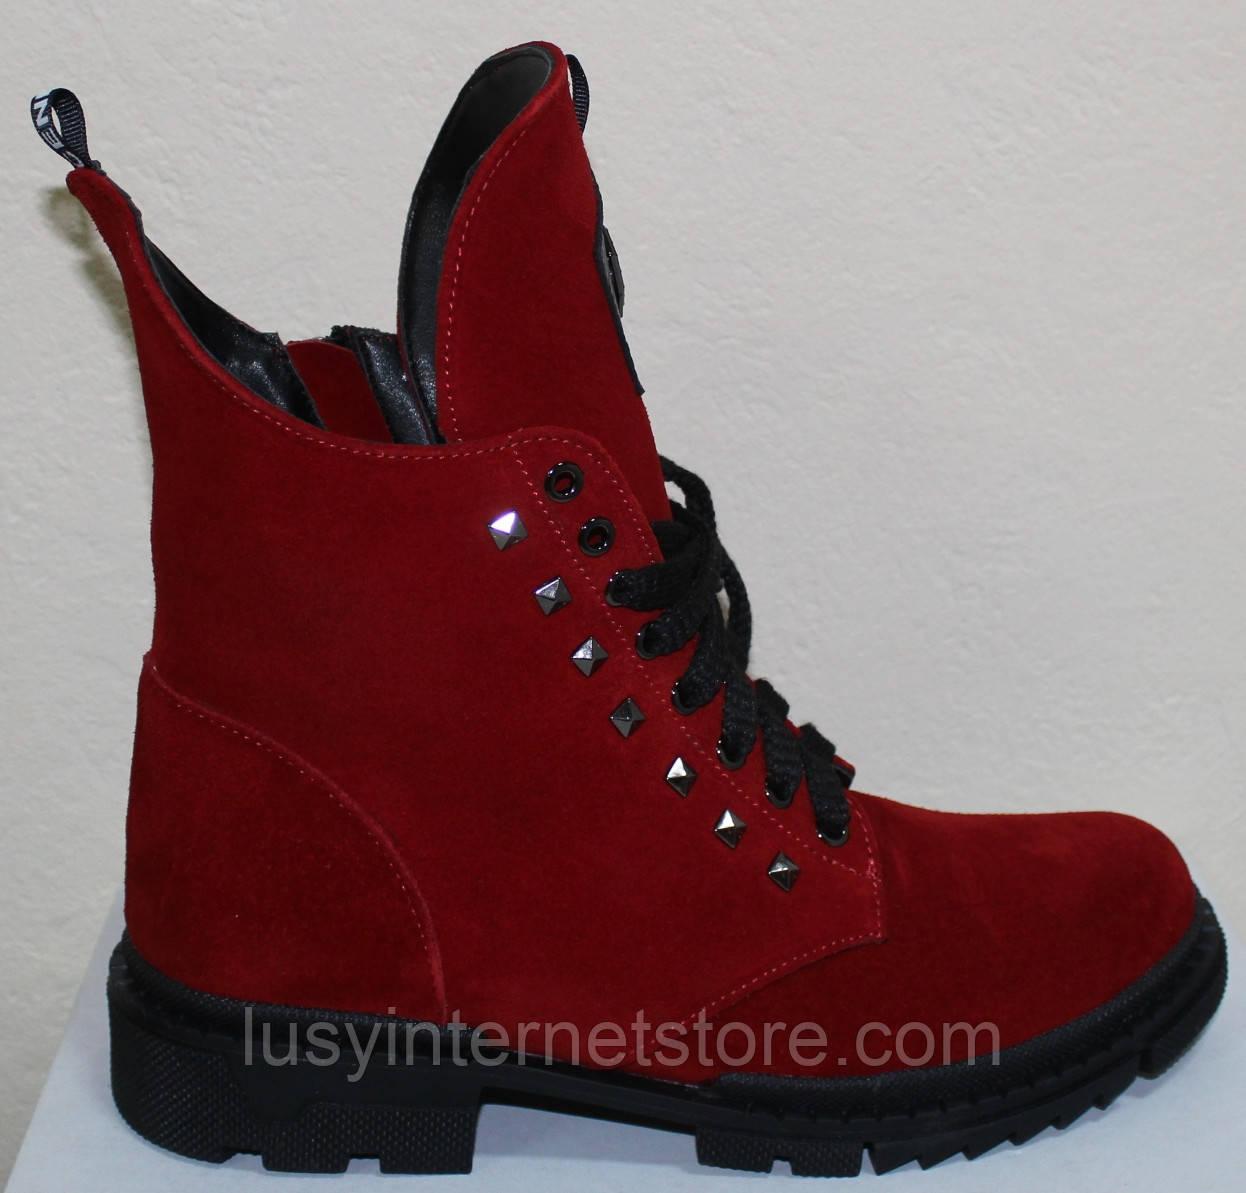 Ботинки женские зимние красные замшевые от производителя модель ЛИ300